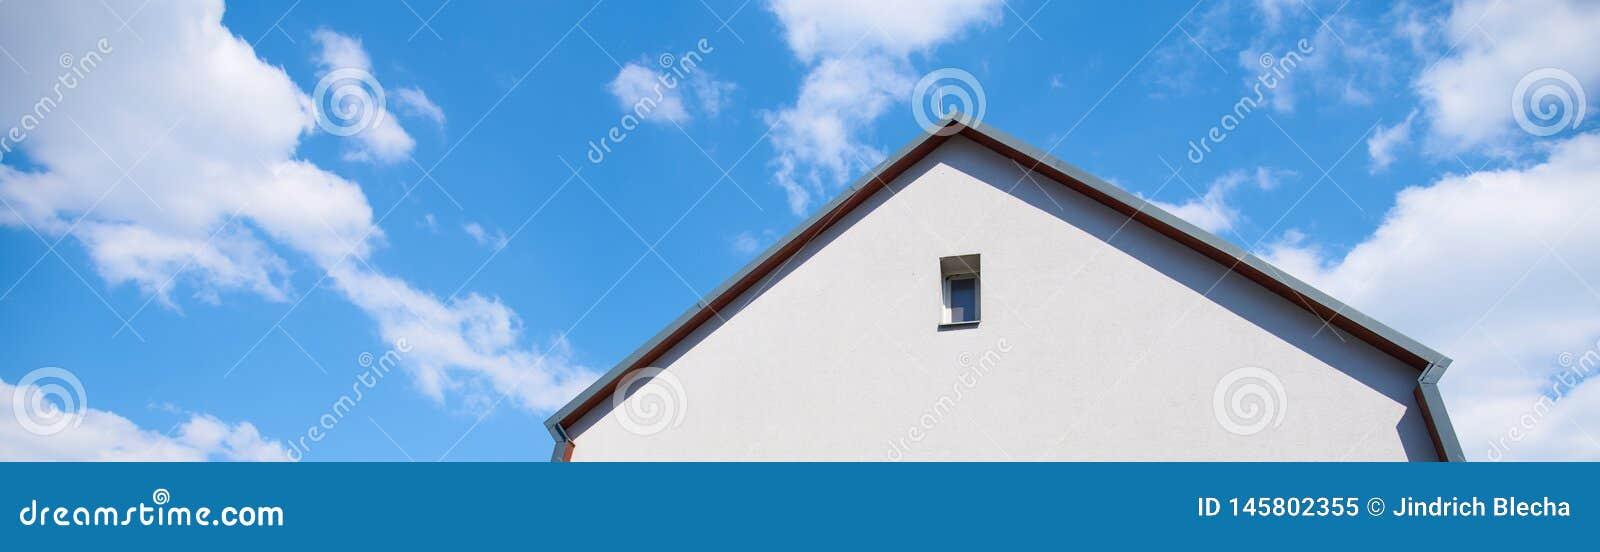 De bouw, villa, tegen een blauwe hemel met witte wolken